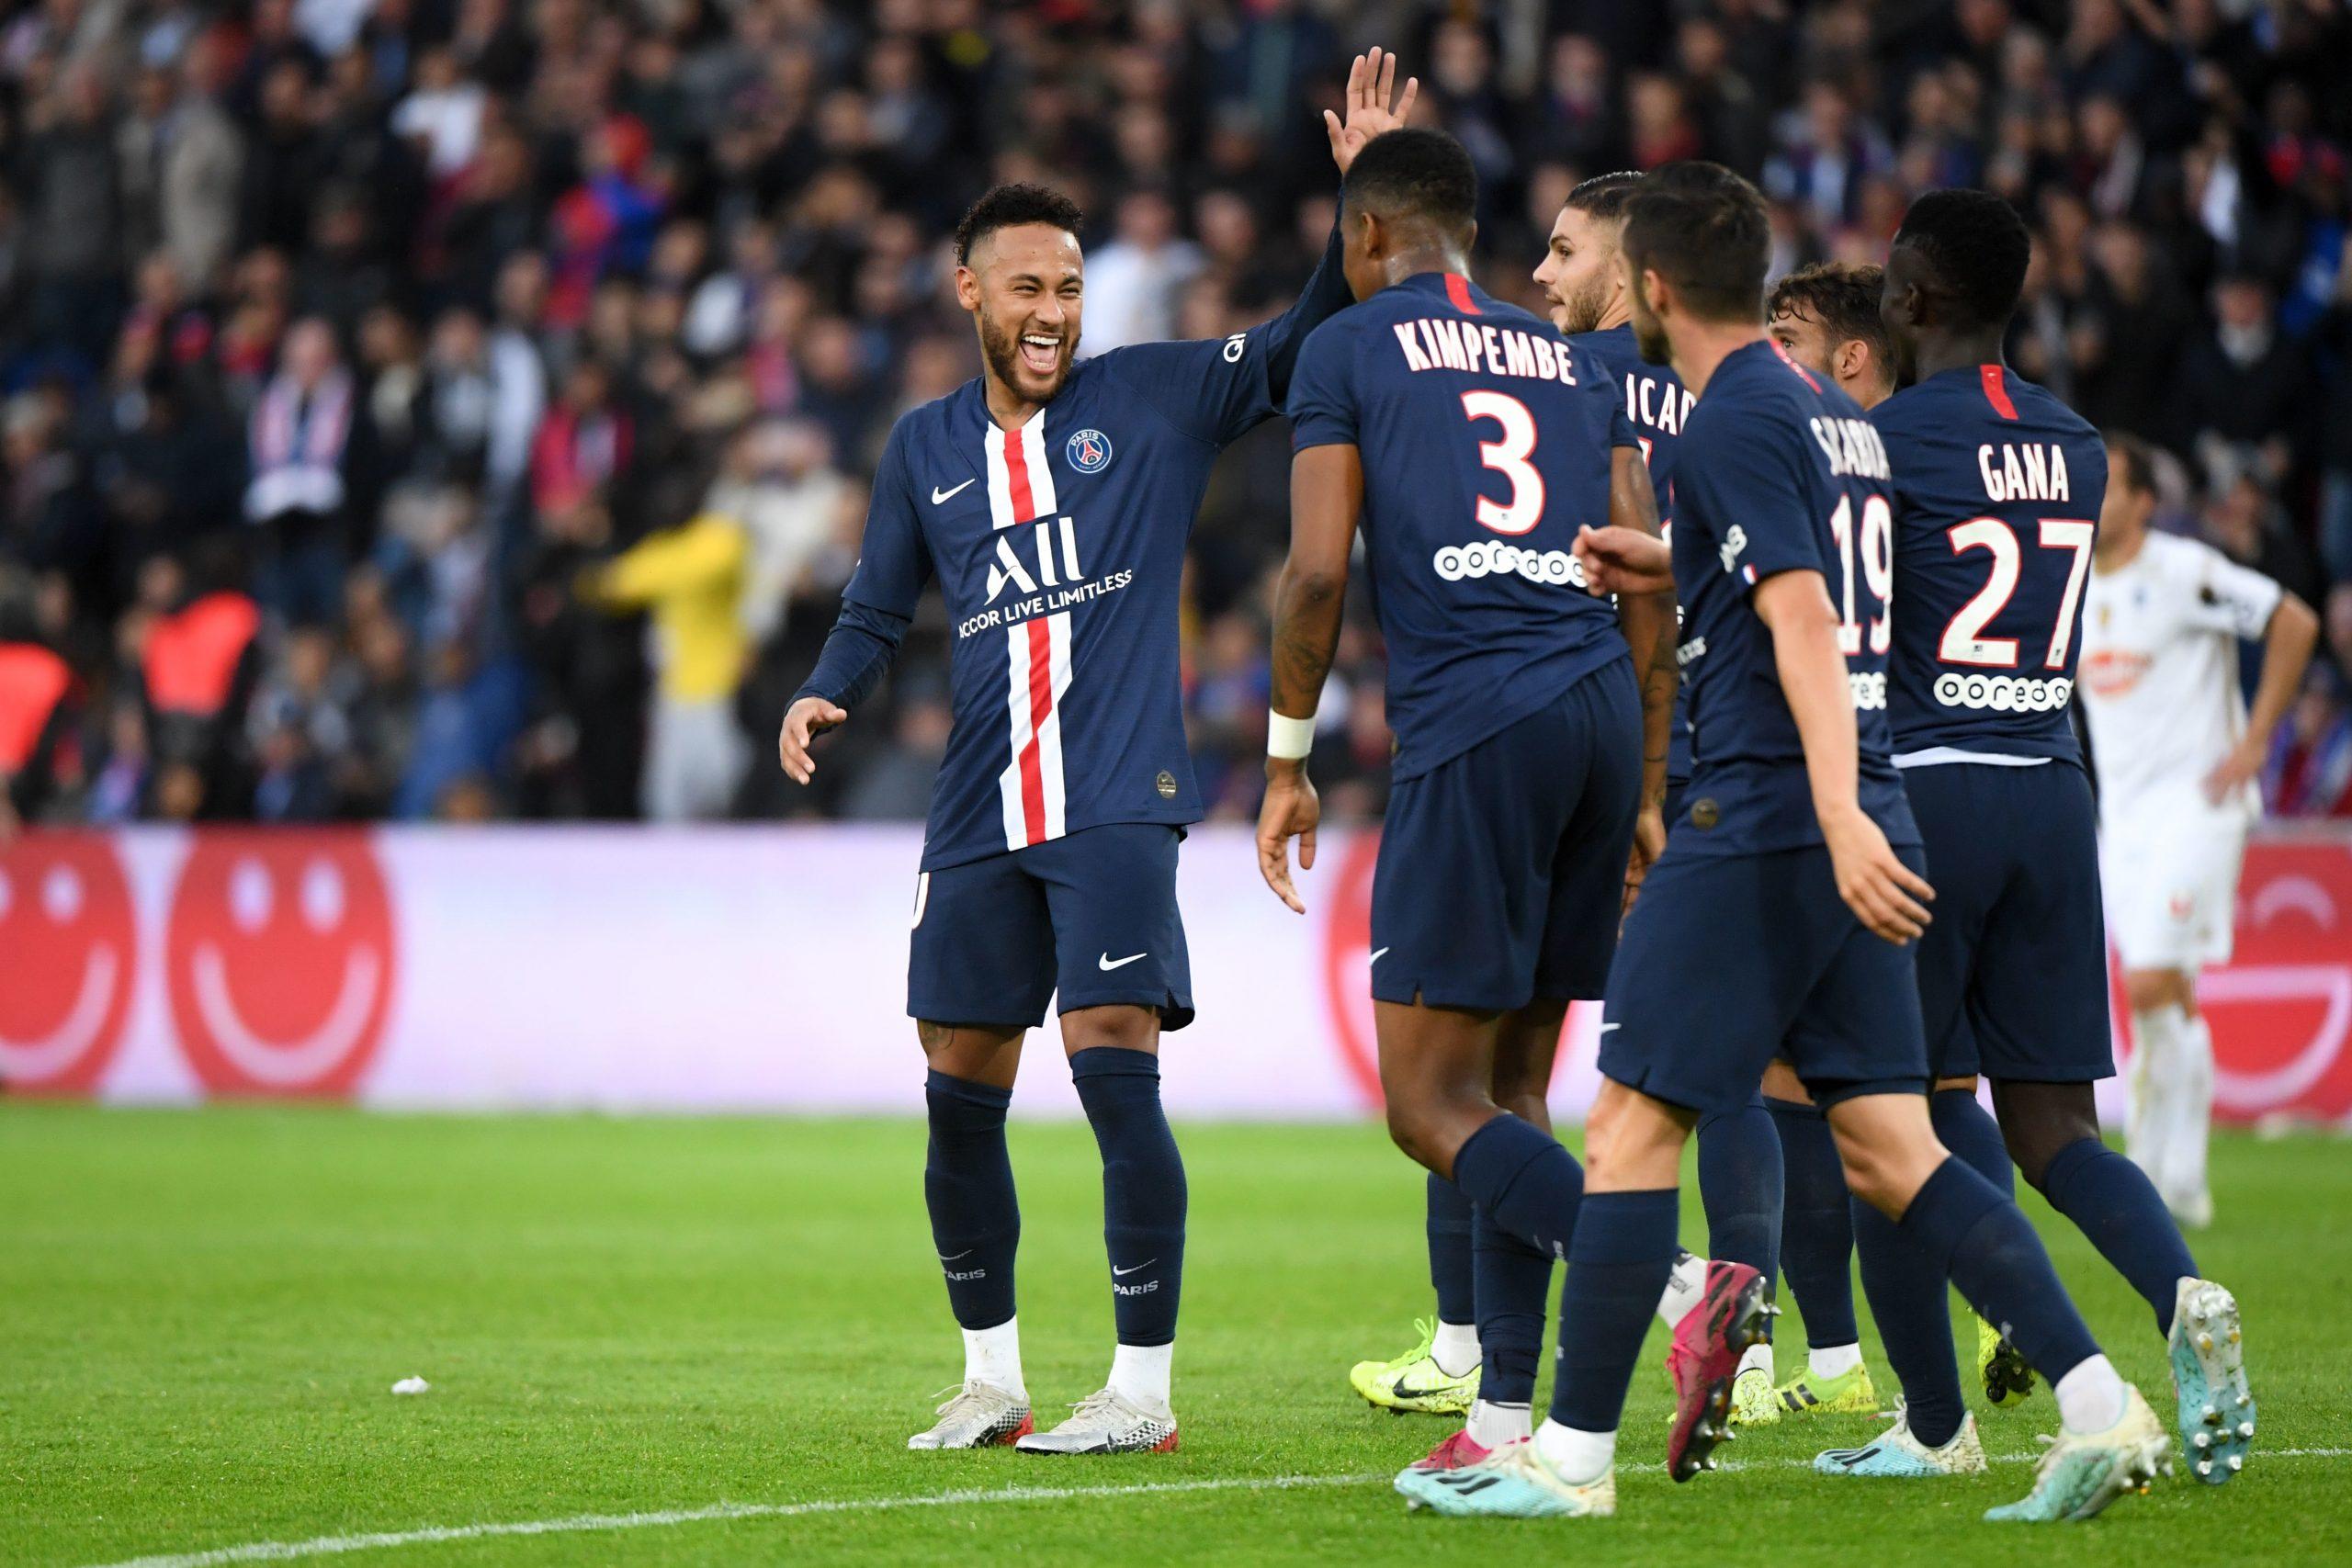 Le plus beau but du PSG cette saison, matchs 10 à 12 : celui de Neymar contre Angers s'impose